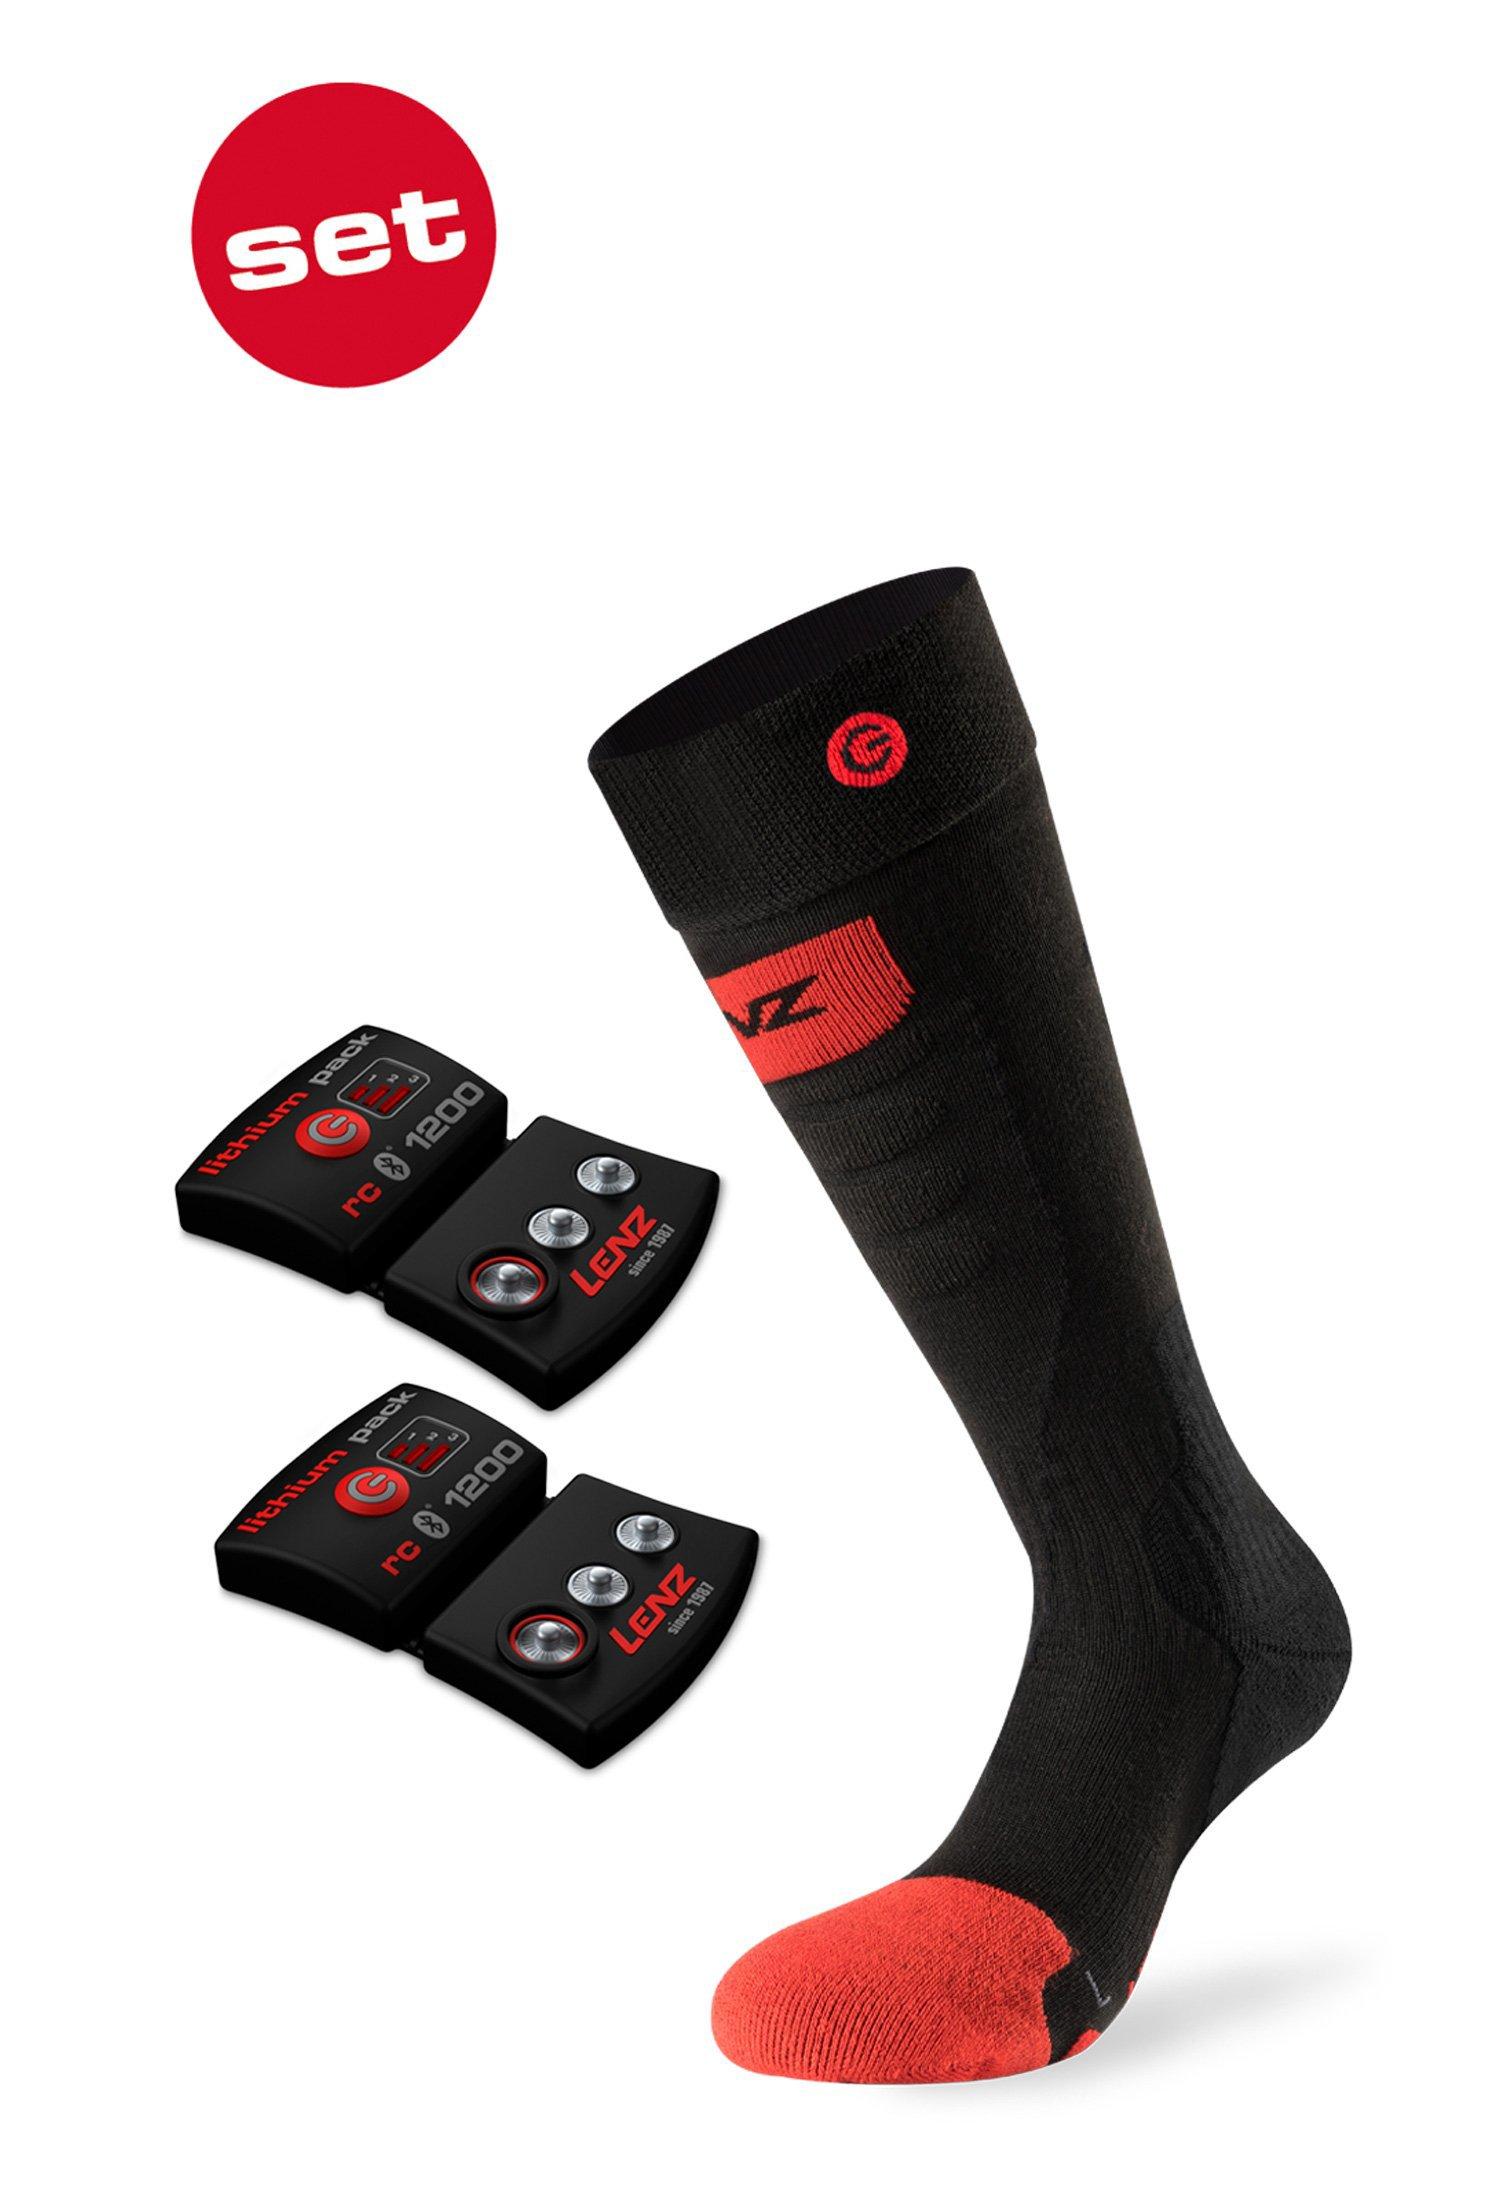 SET - Vyhrievané ponožky Slim Fit LENZ Heat Socks 5.0 Toe Cap + batérie lithium pack rcB 1200